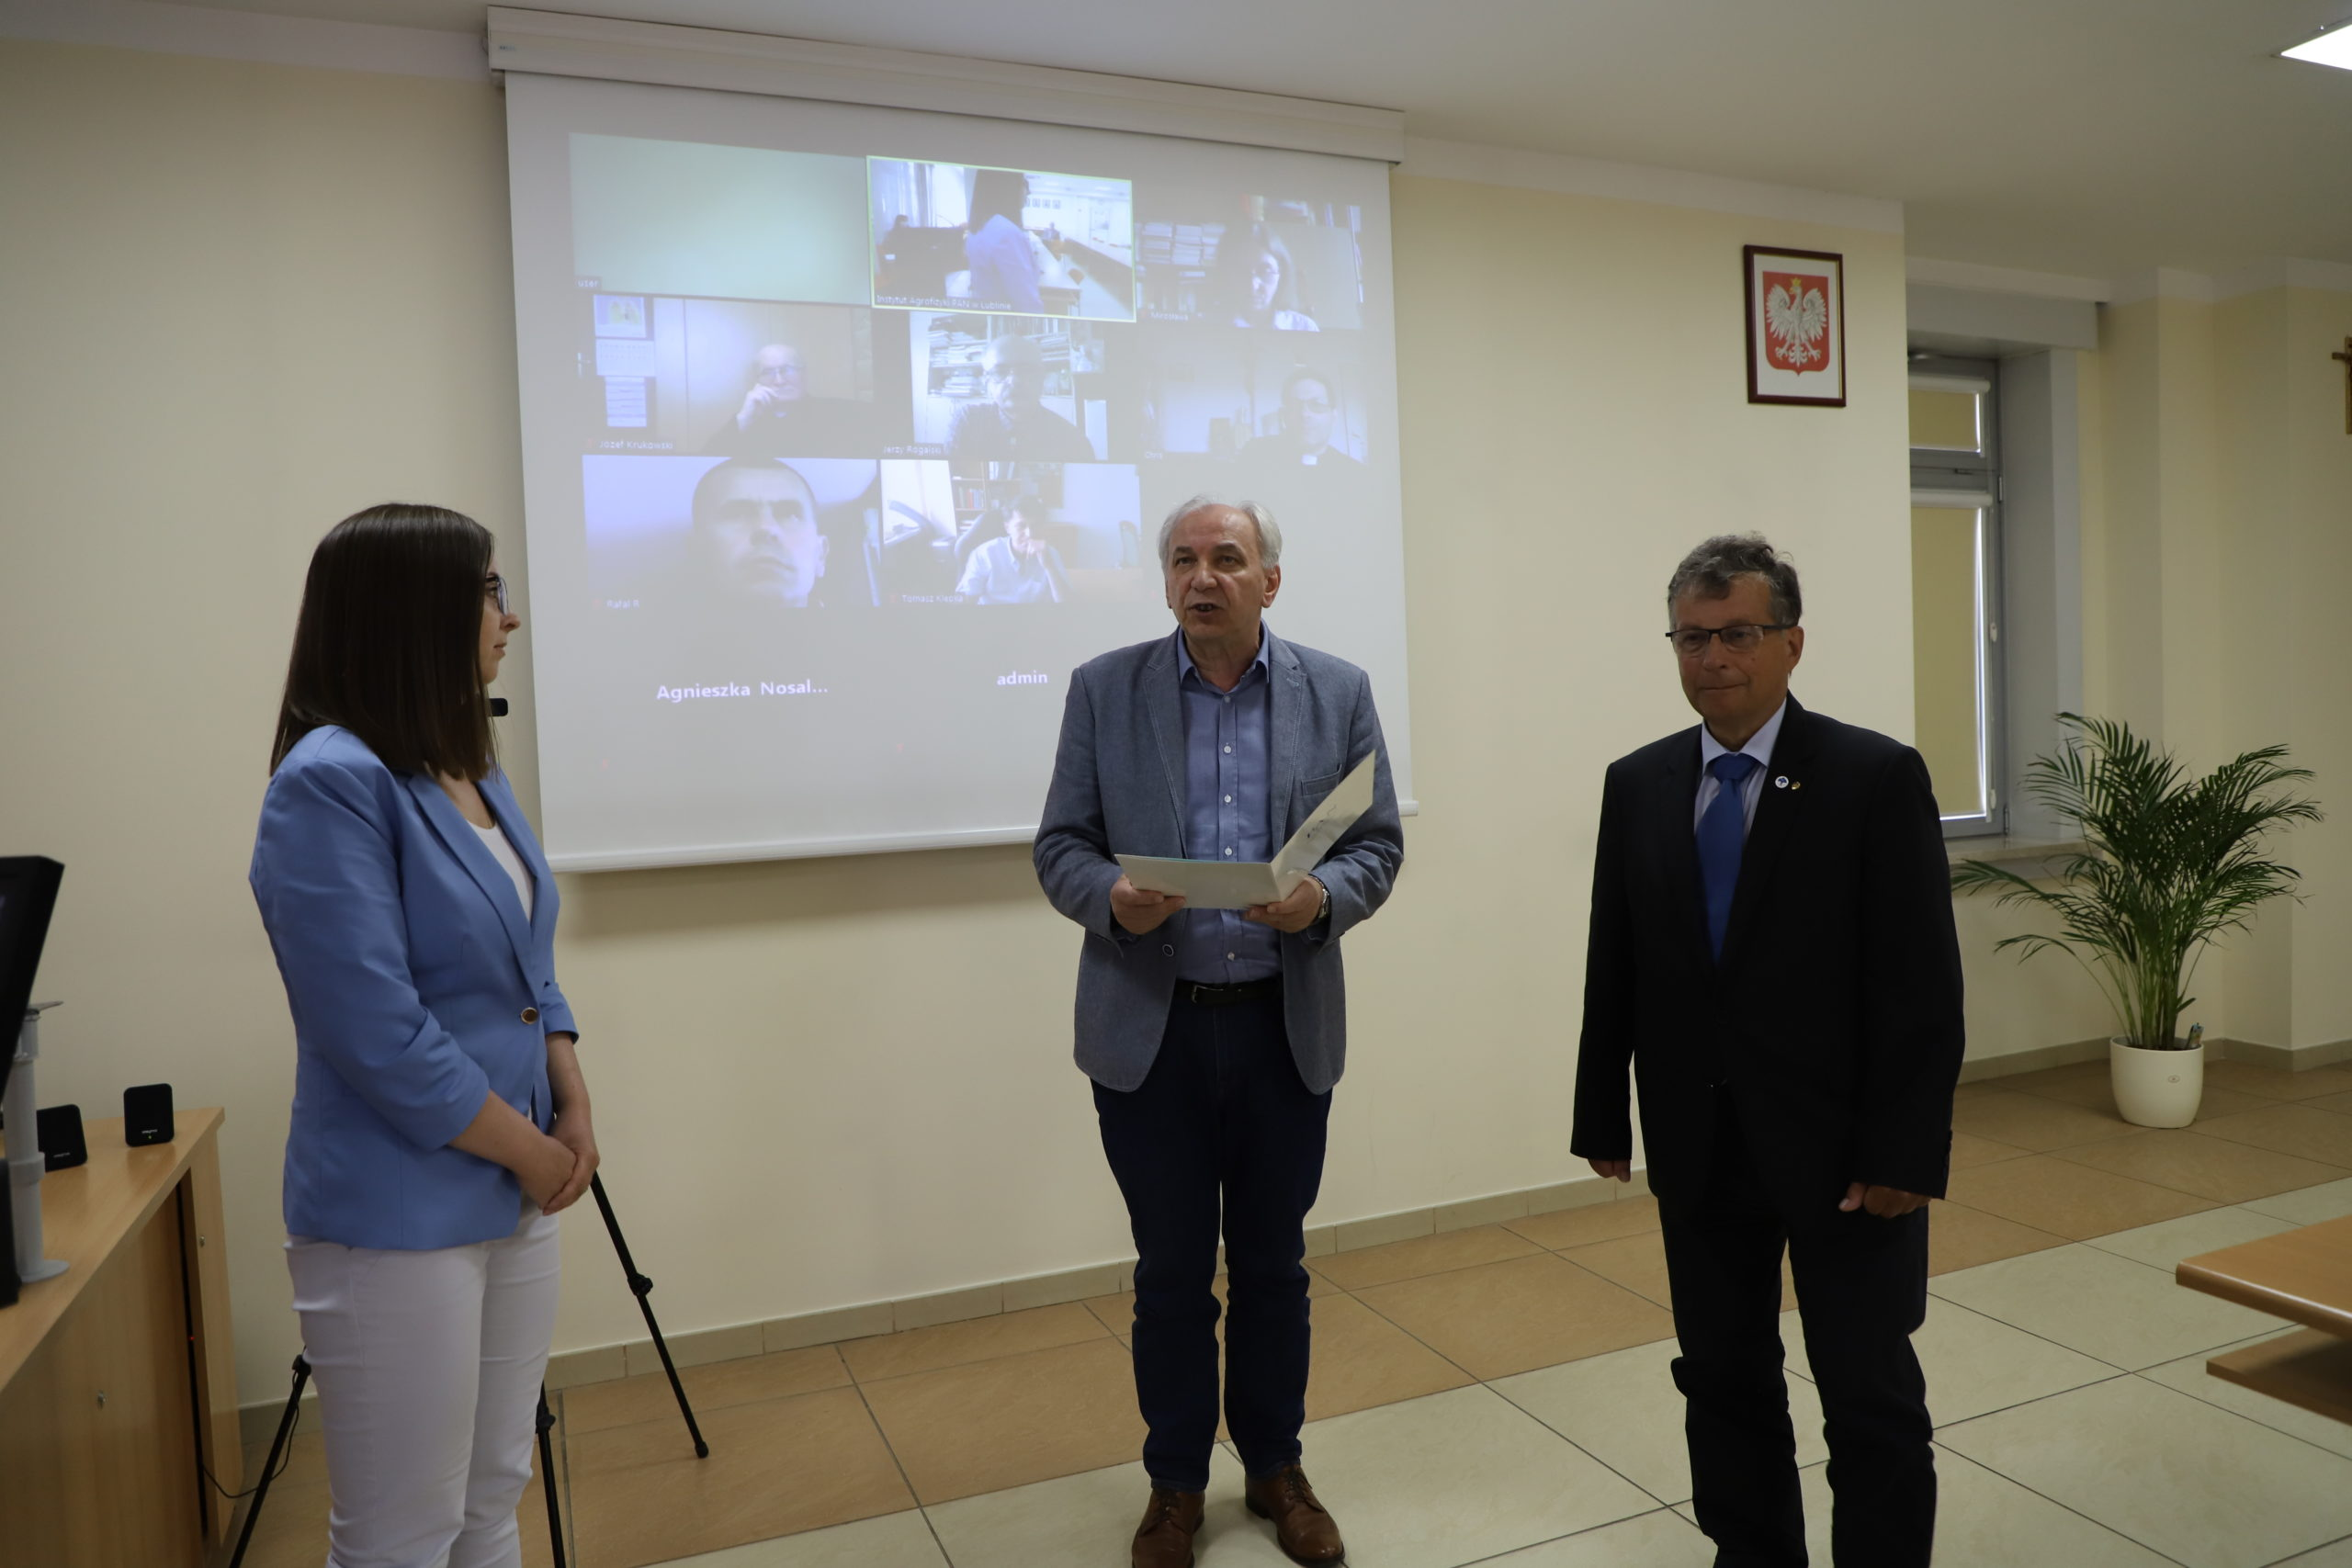 7 lipca 2020 r., Wyróżnienie Prezesa Oddziału PAN w Lublinie za najlepszą pracę naukową